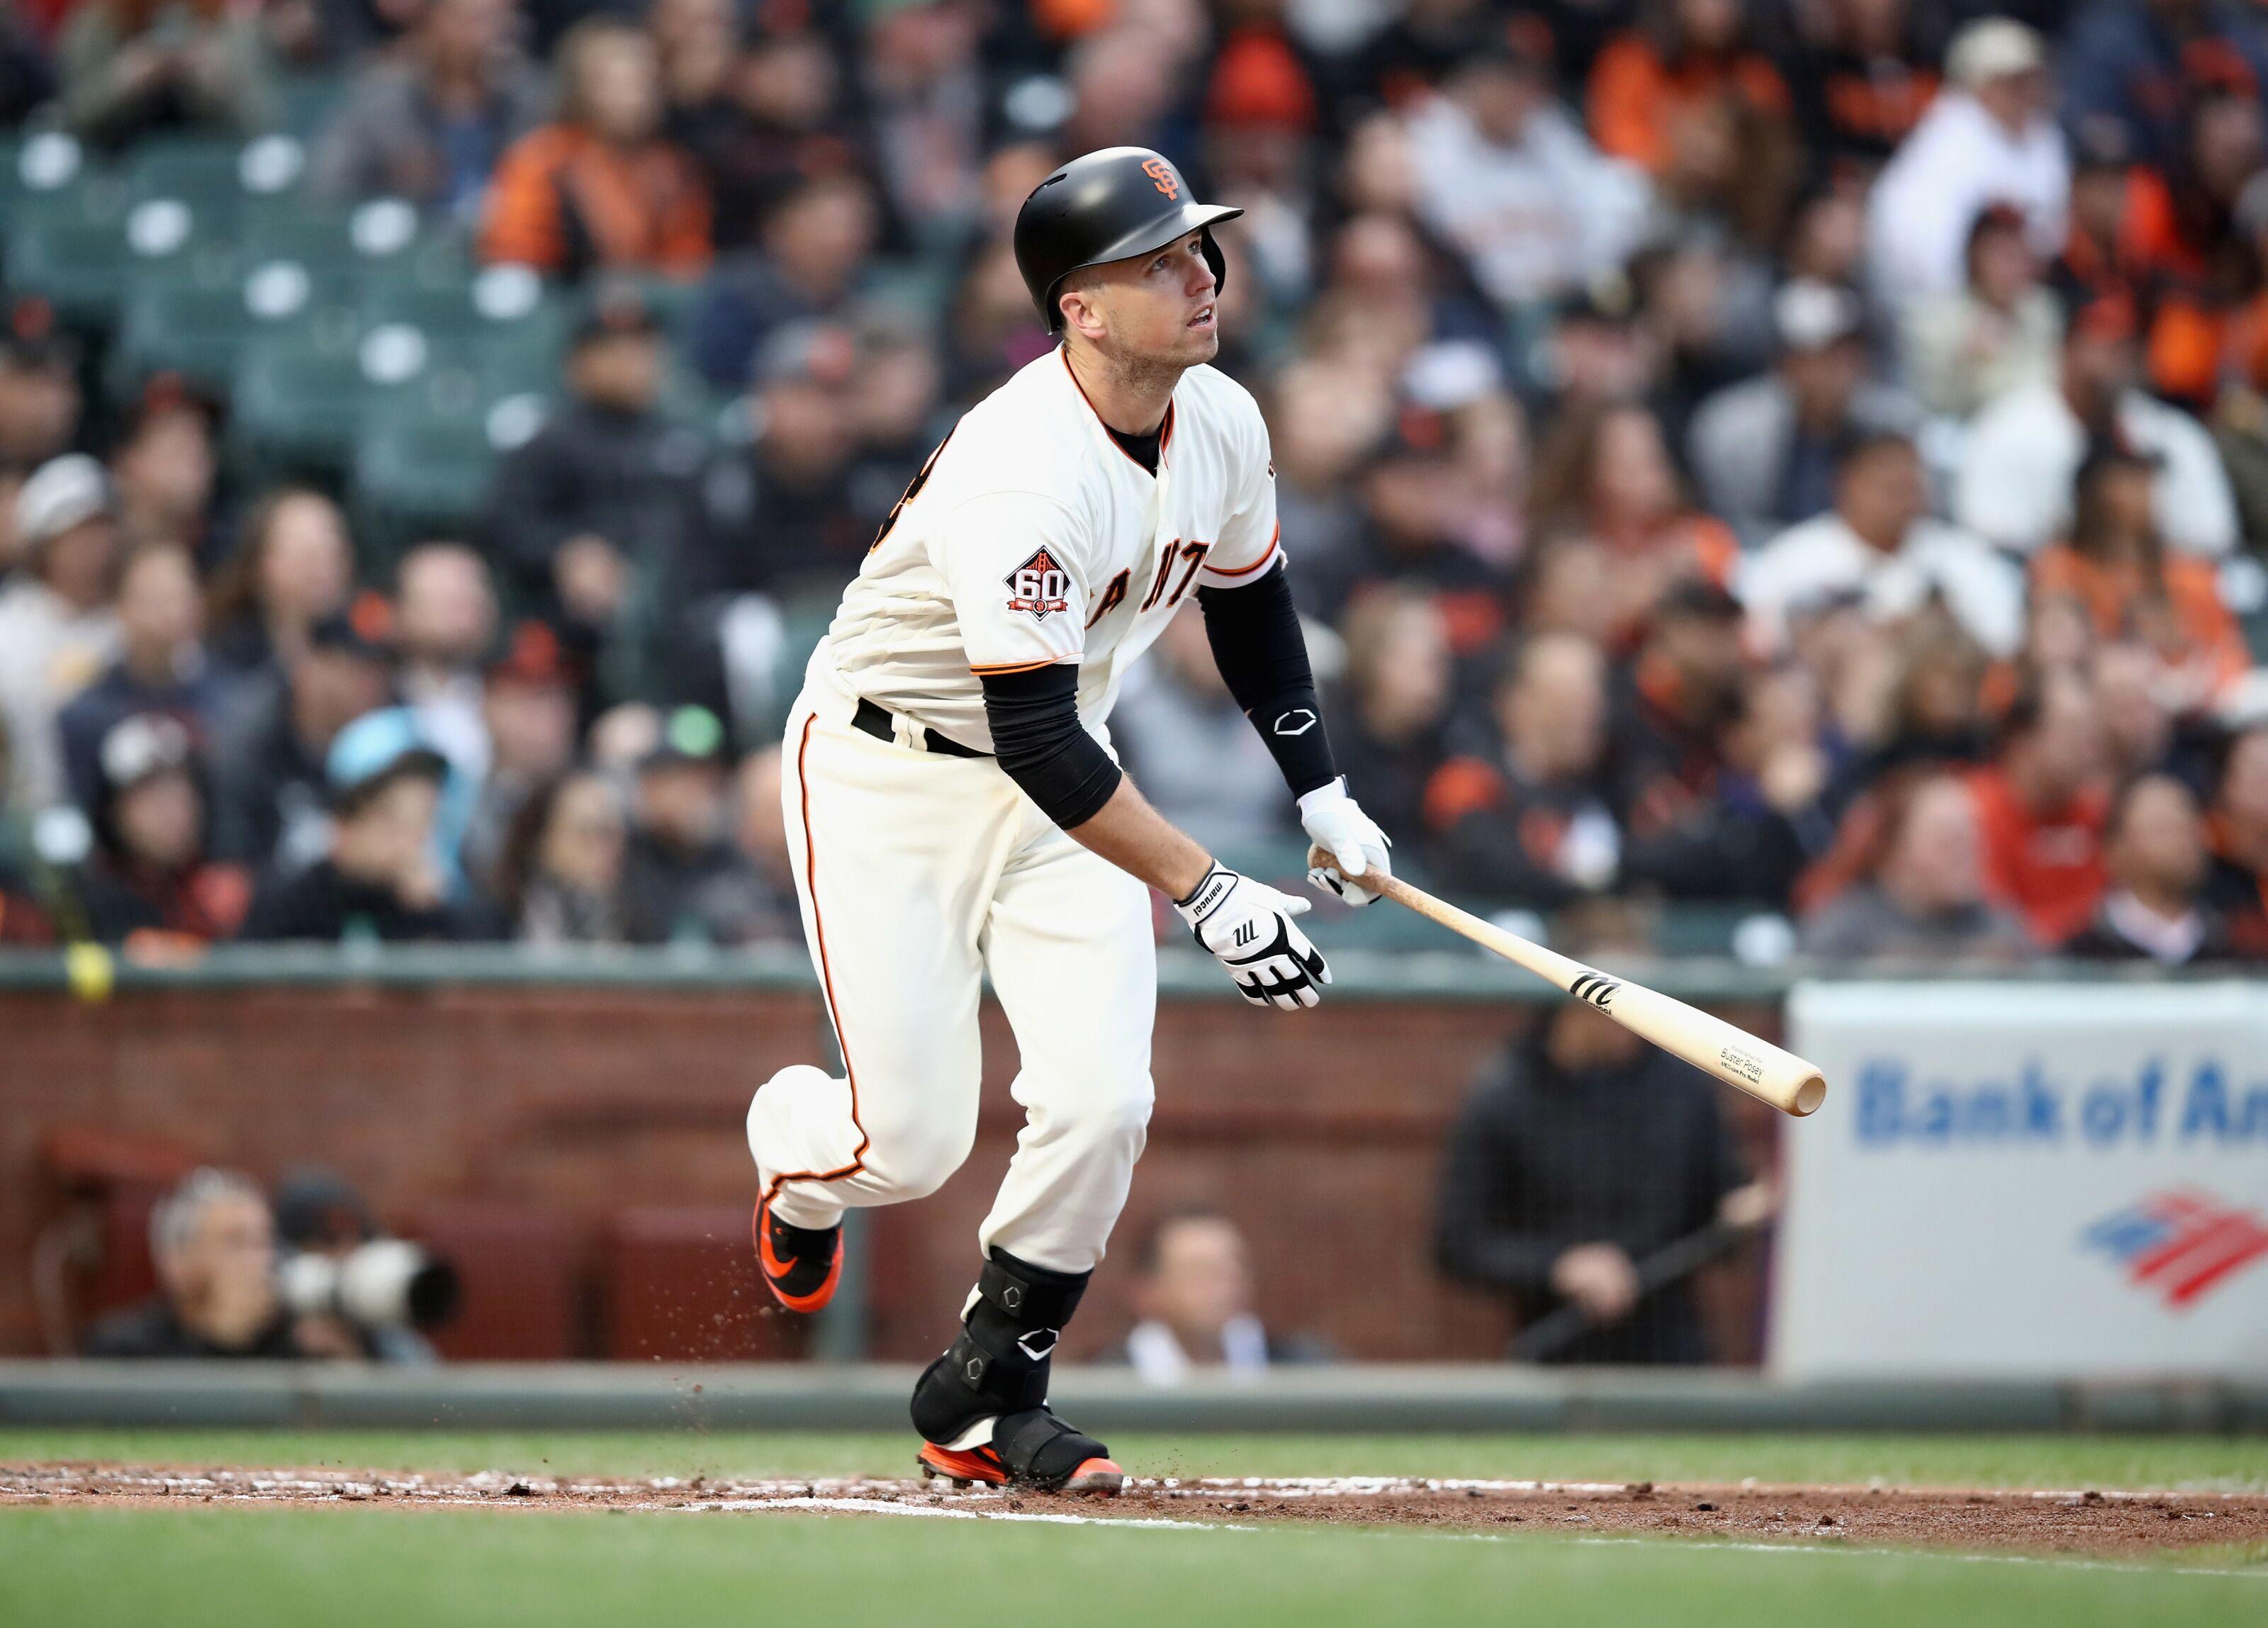 FSU Baseball alums in MLB struggling entering second half of 2019